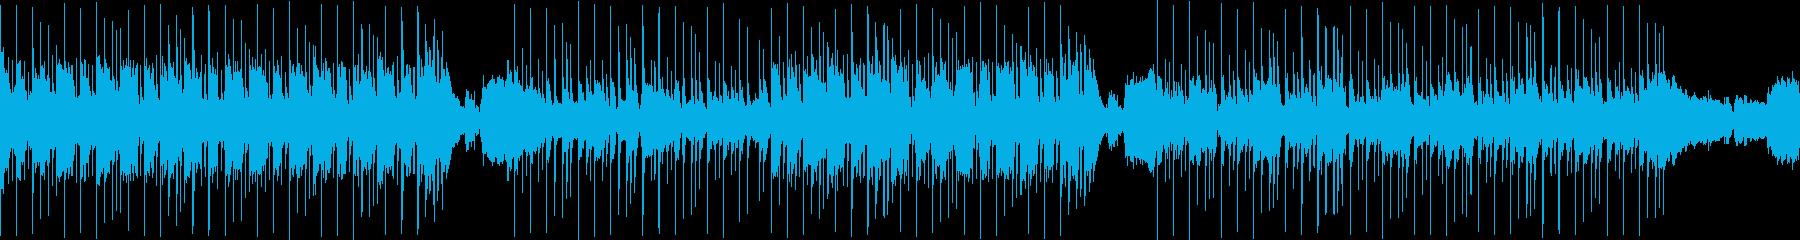 陽気なアメリカン風ロックの再生済みの波形